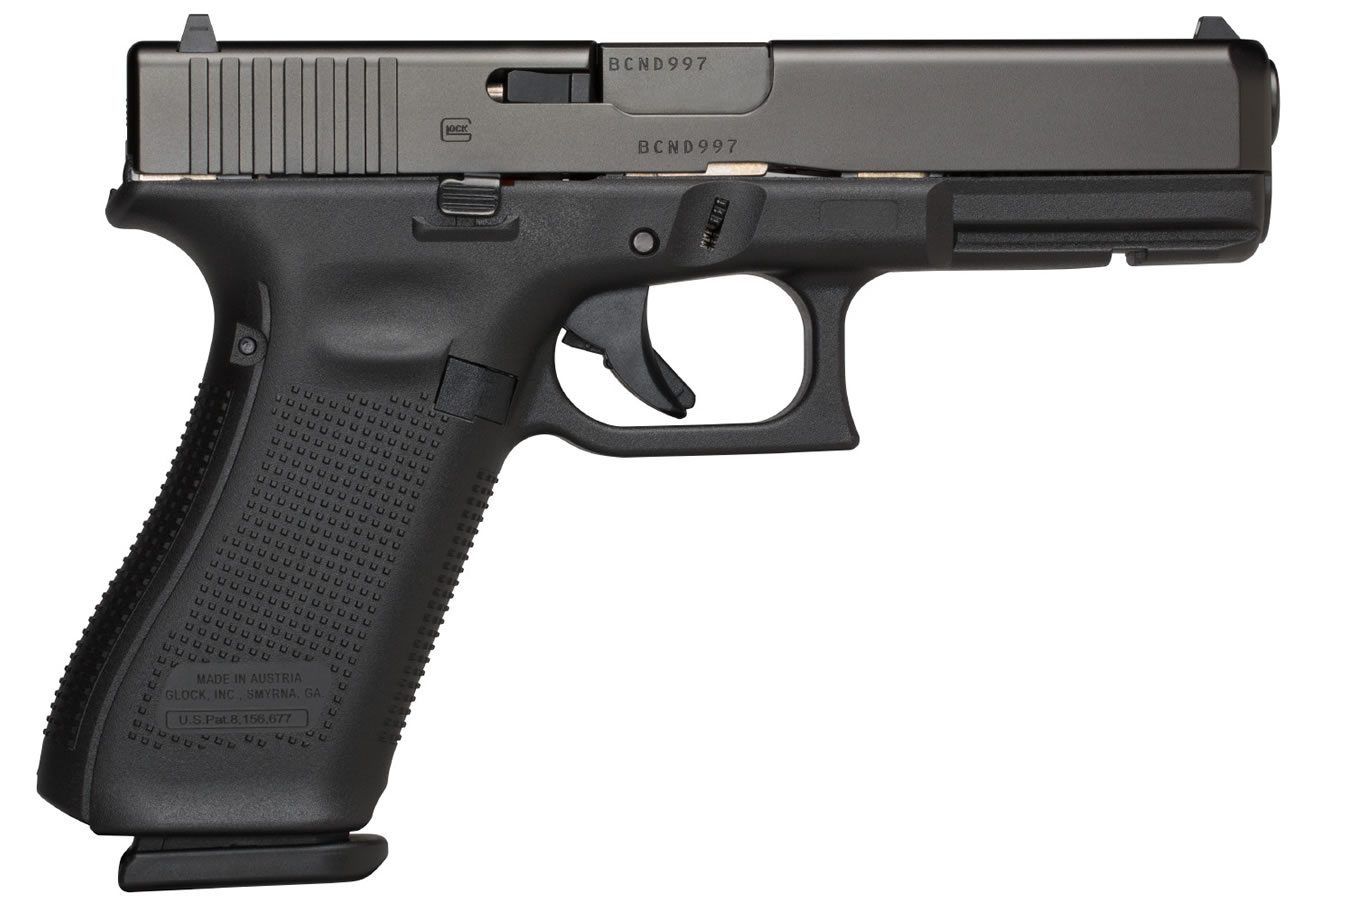 Glock 17 Gen5 9mm 17-Round Pistol | Vance Outdoors